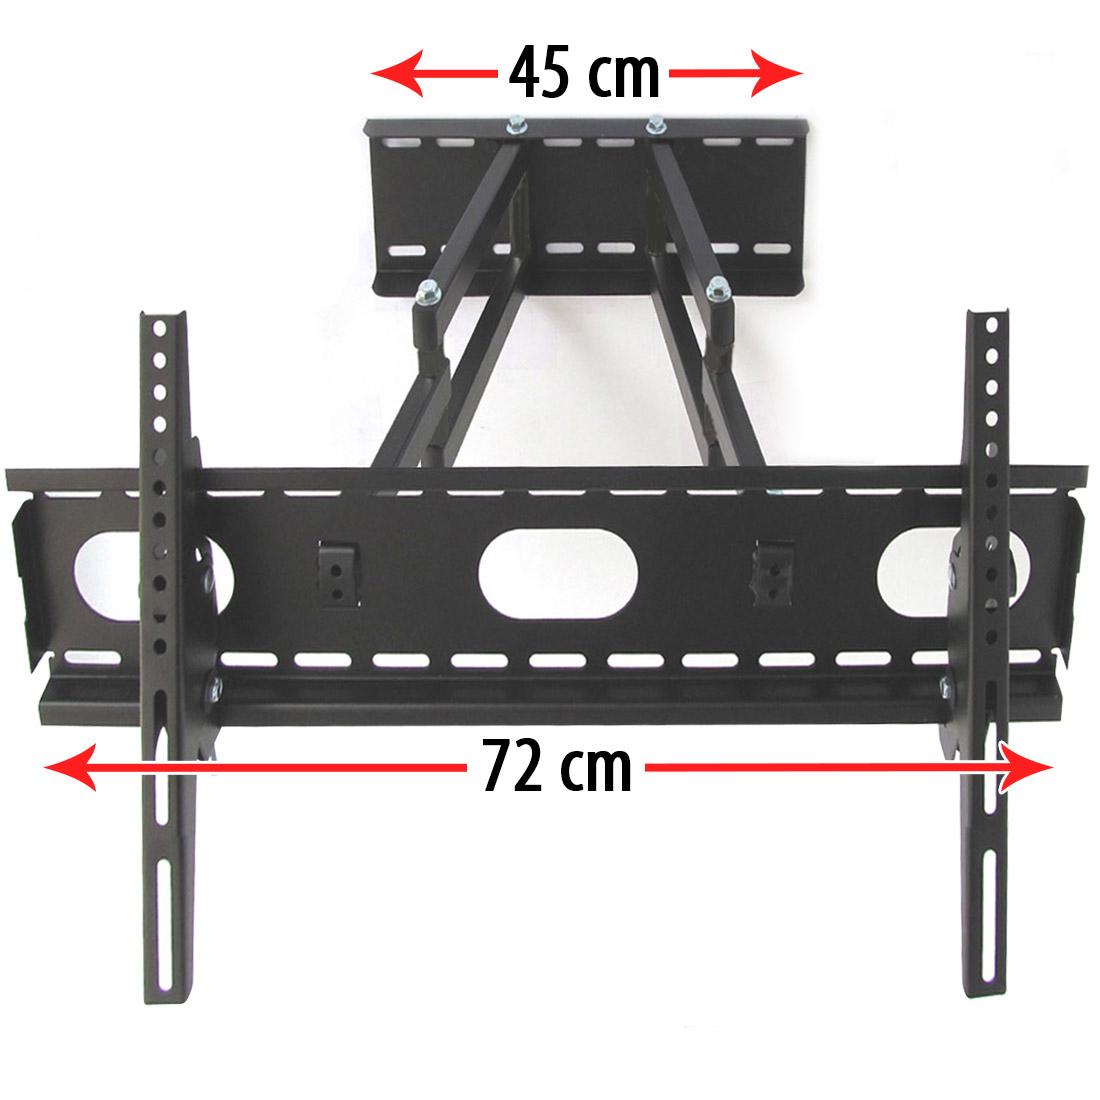 Tv lcd wandhalterung halterung neigbar schwenkbar doppelarm f r tv bis 70kg wei ebay - Wandhalterung fur tv gerate ...